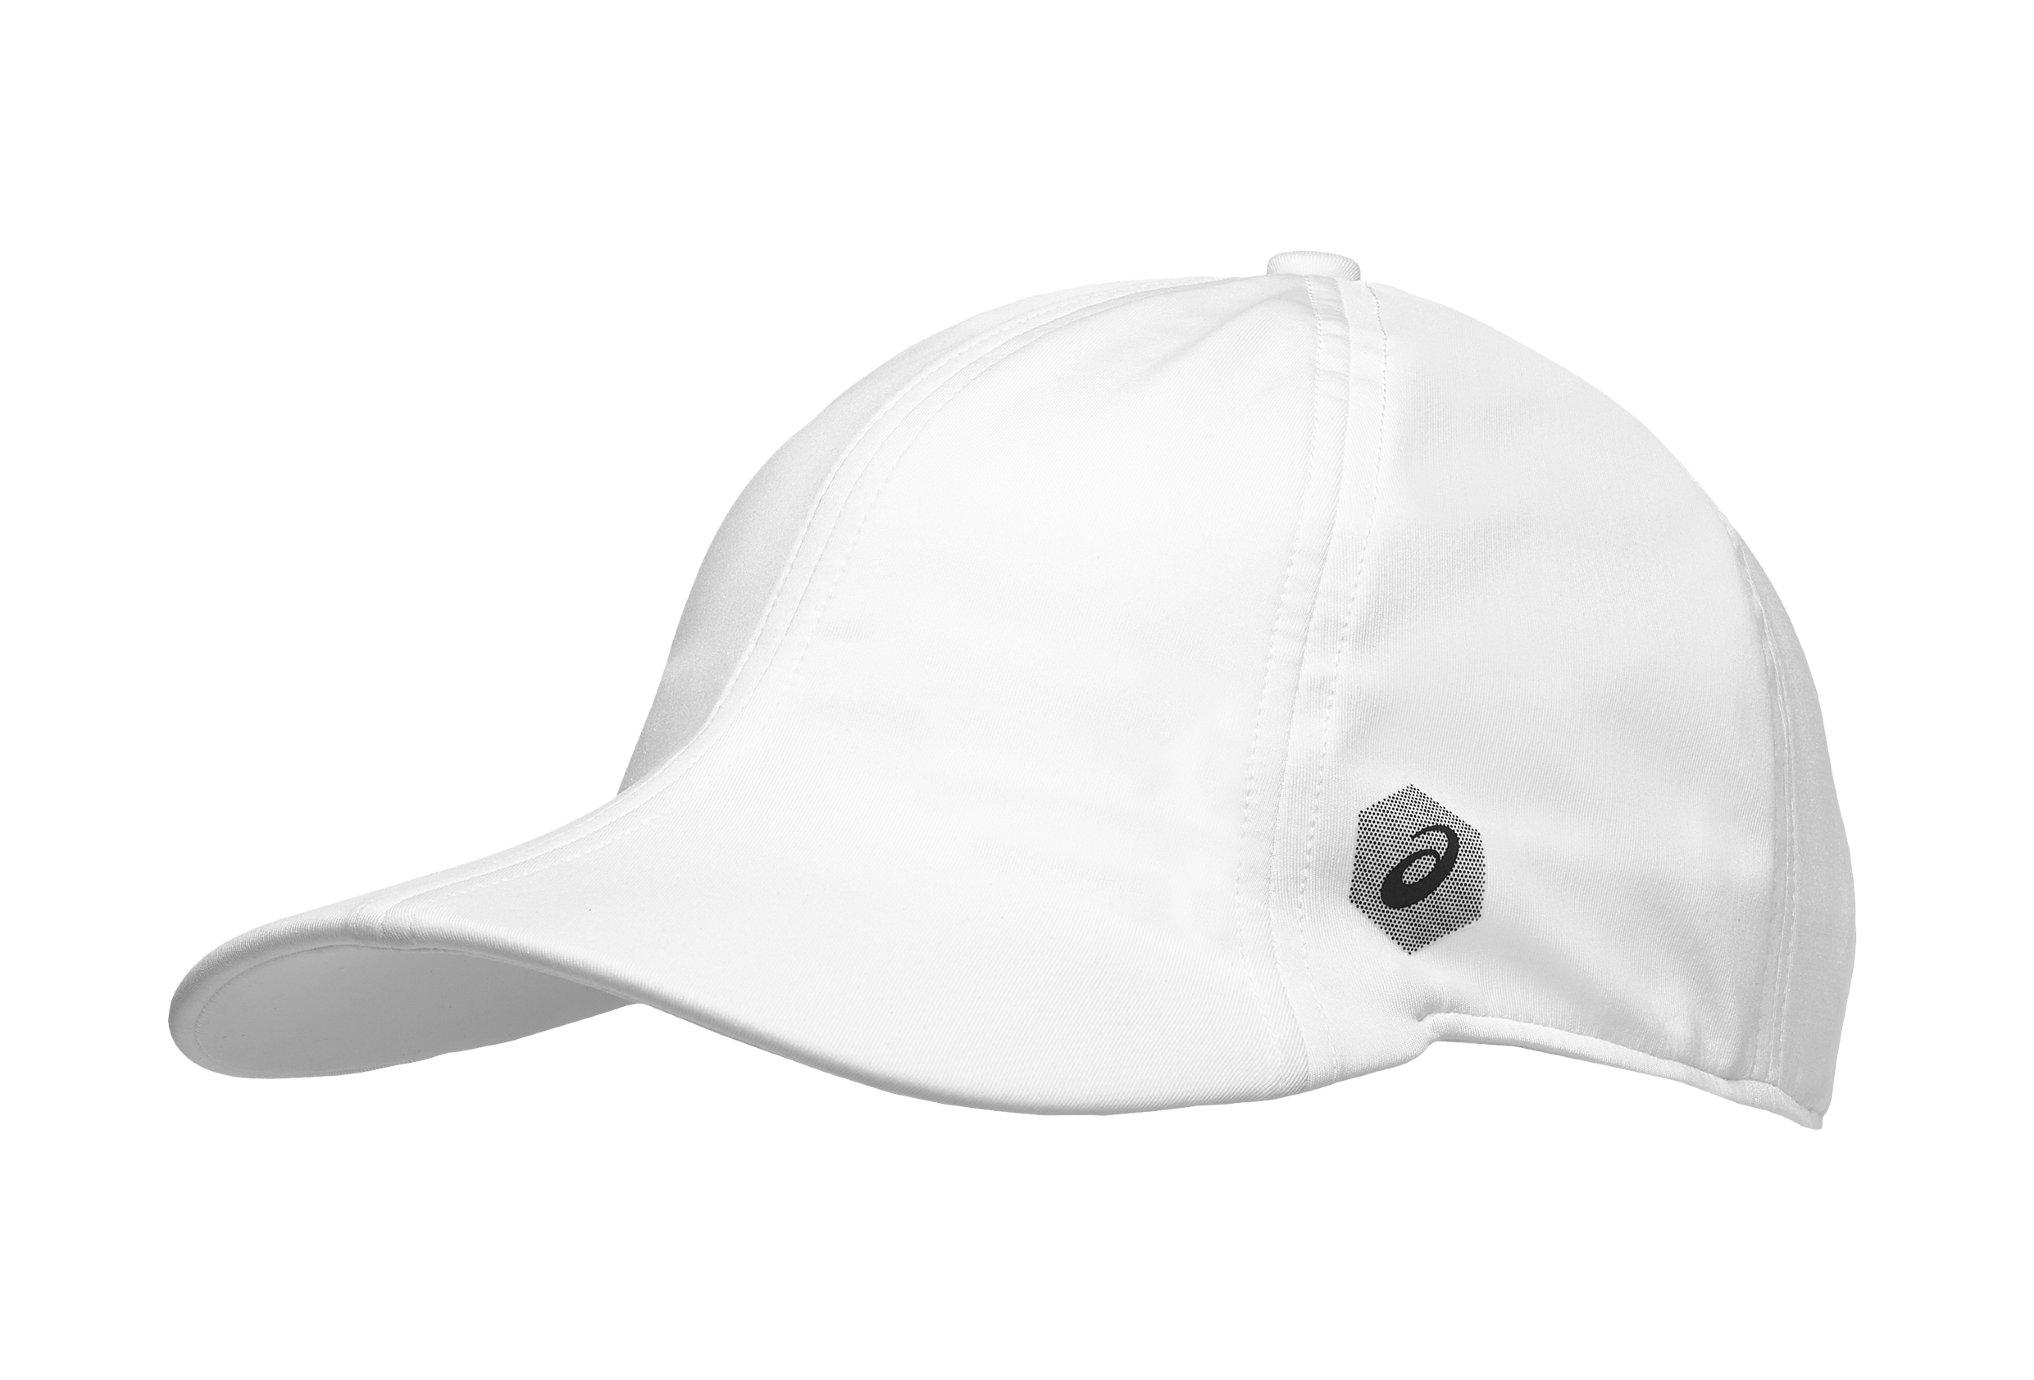 Asics Pro cap casquettes / bandeaux